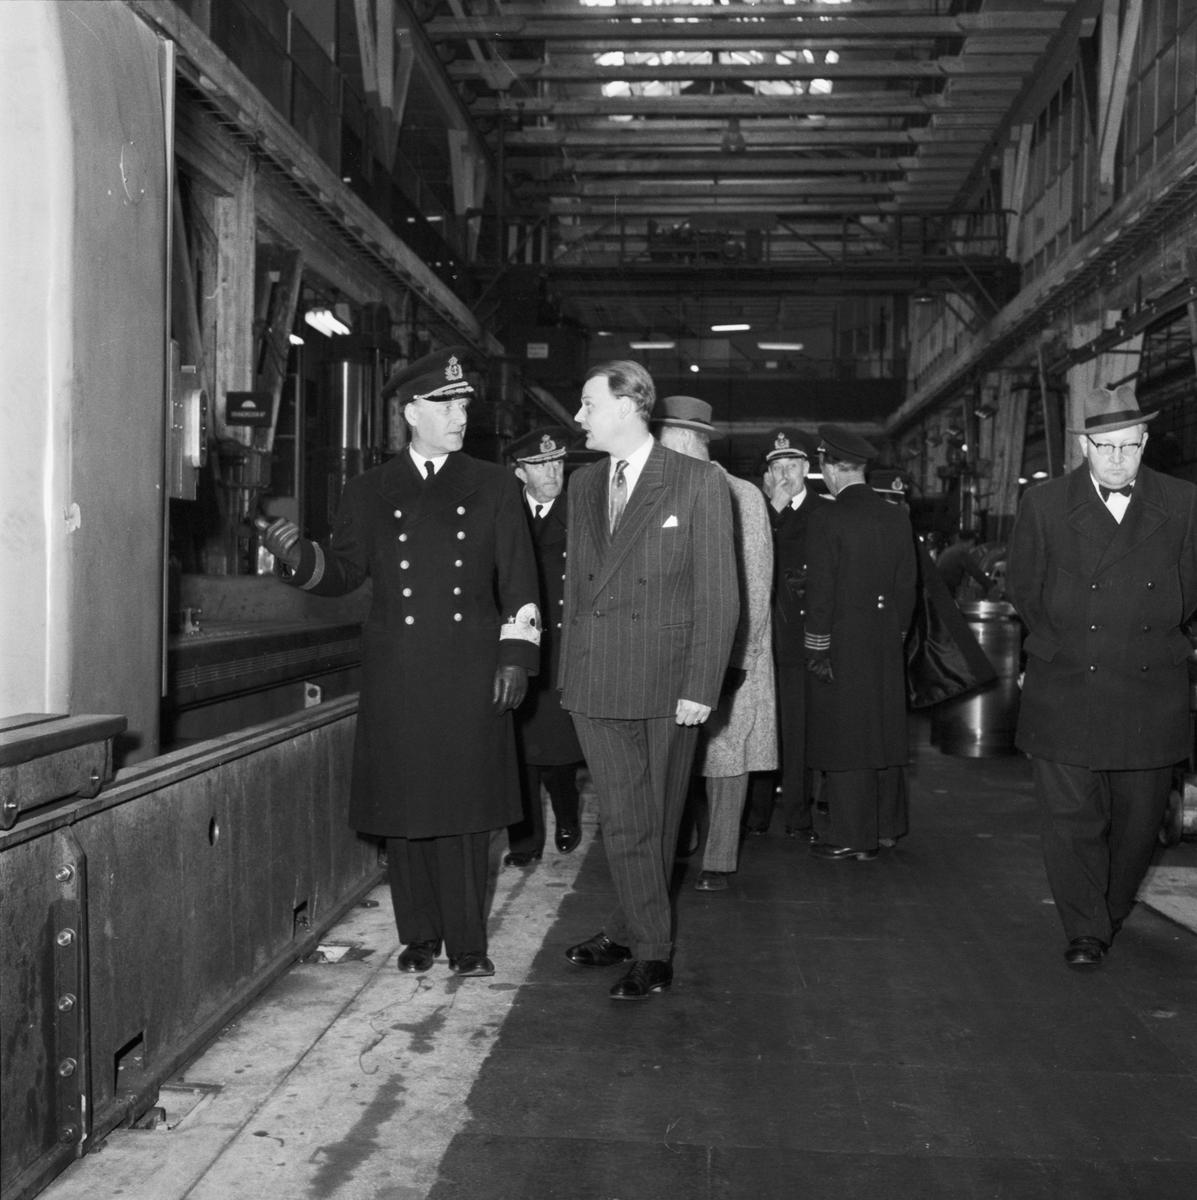 Övrigt: Foto datum: 7/5 1958 Byggnader och kranar CM:s besök i ÖVK i samband med nya utrustningspirens invigning